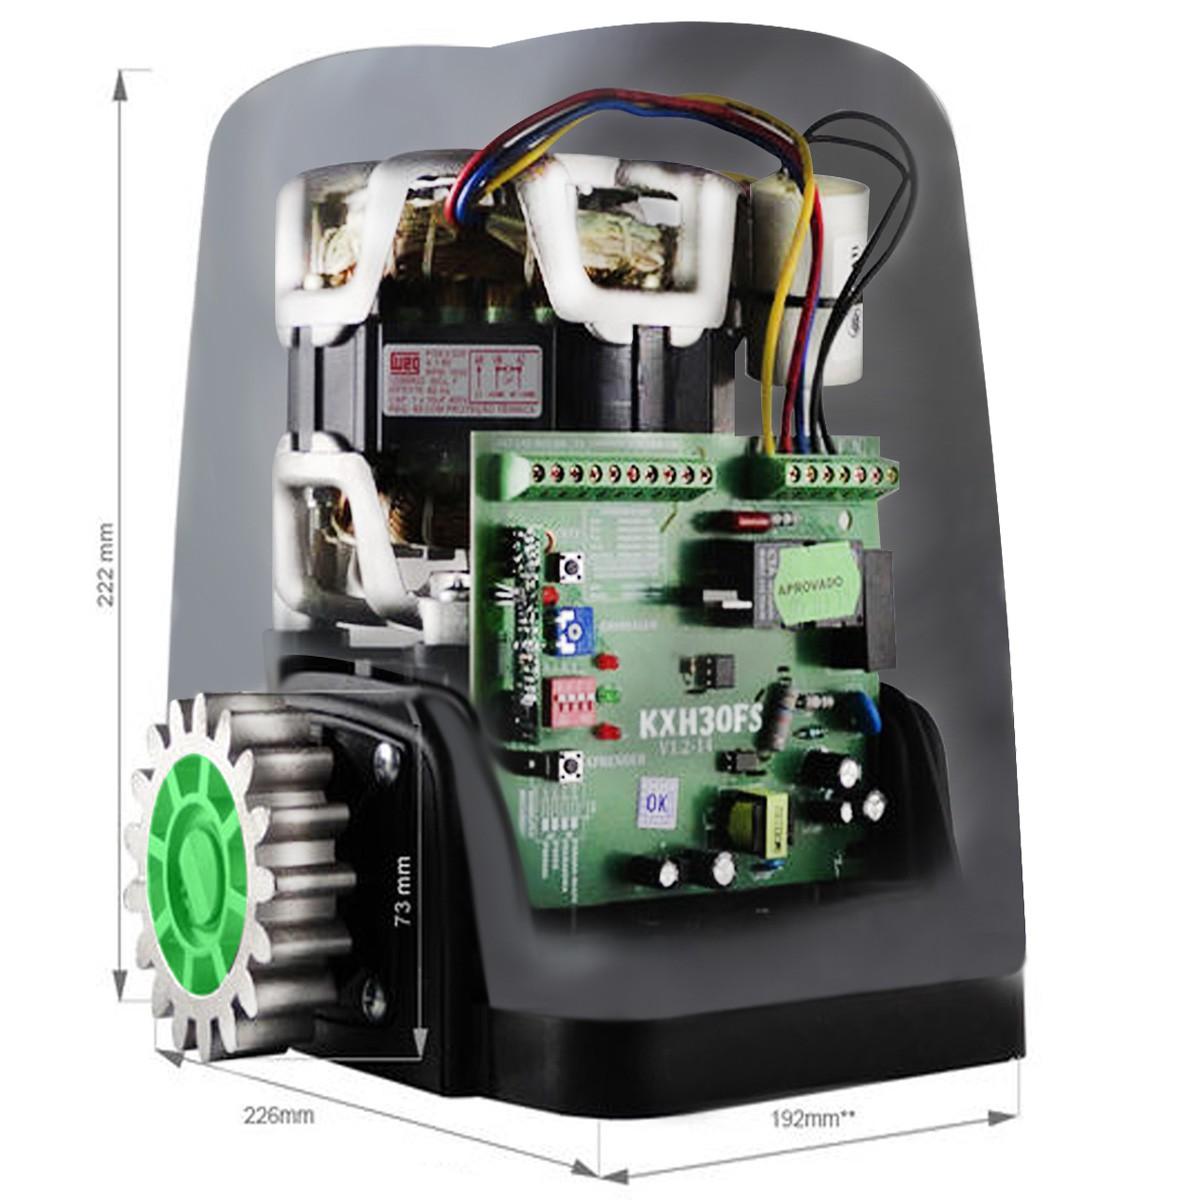 Kit Motor Rossi Dz Nano Turbo 4m Crem 3 Control 110v 600kg